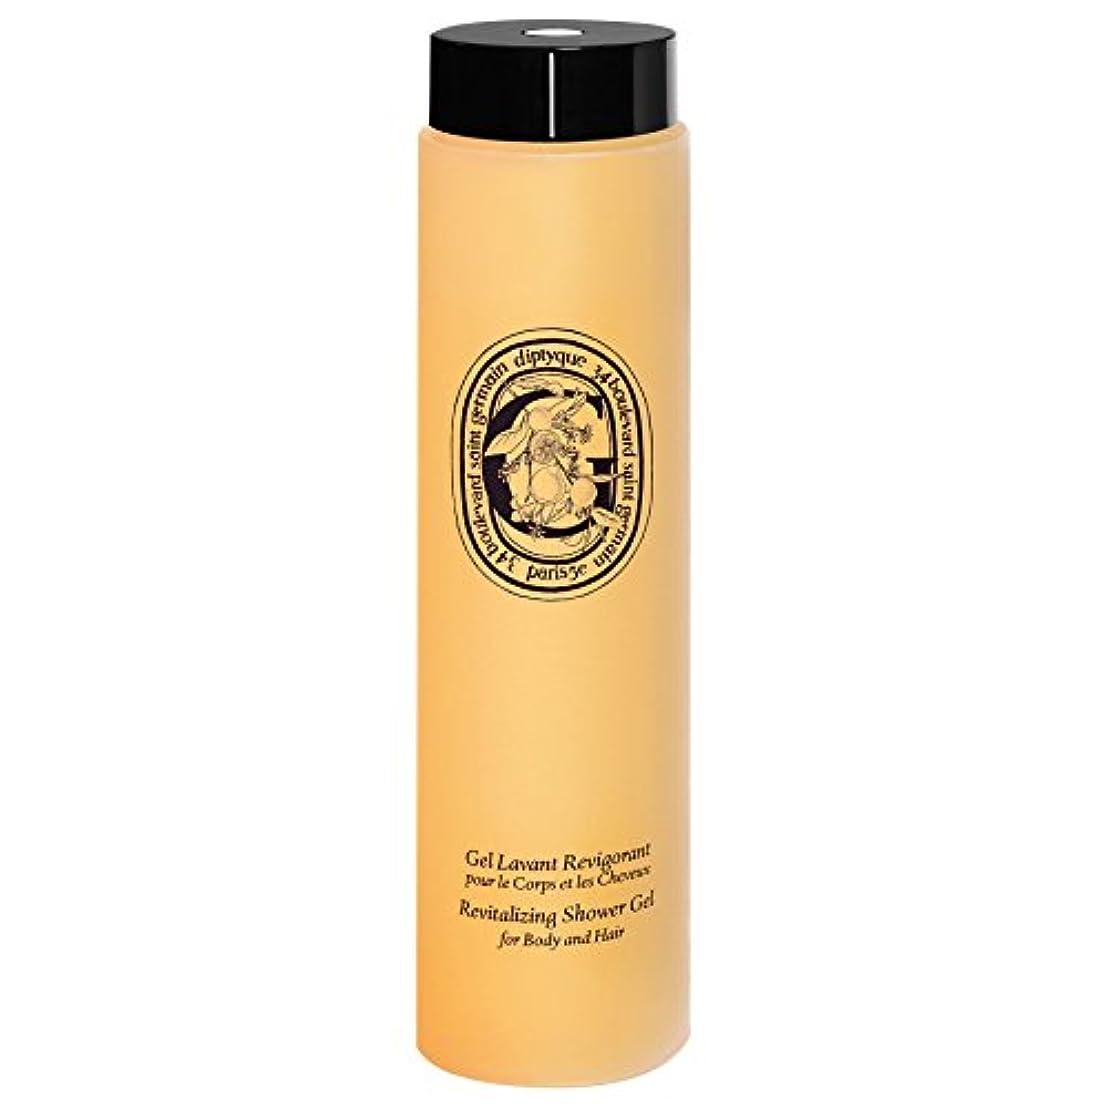 センサー熟した受け継ぐ[Diptyque] ボディ、ヘア200ミリリットルのためDiptyqueのリバイタライジングシャワージェル - Diptyque Revitalising Shower Gel For Body And Hair 200ml...